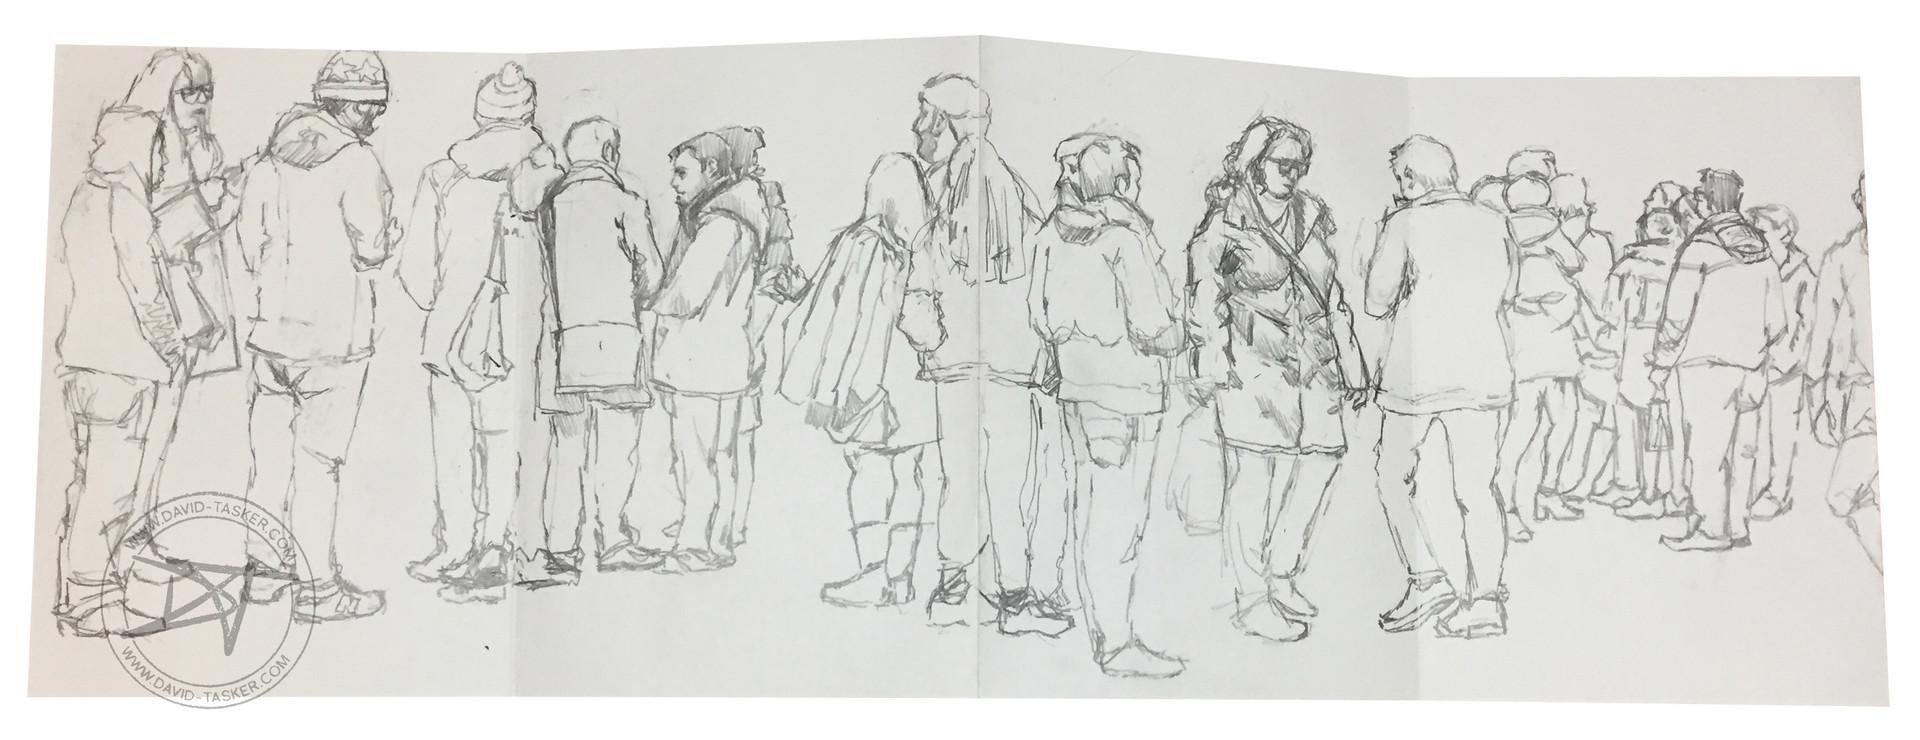 Queue drawing 4.jpg